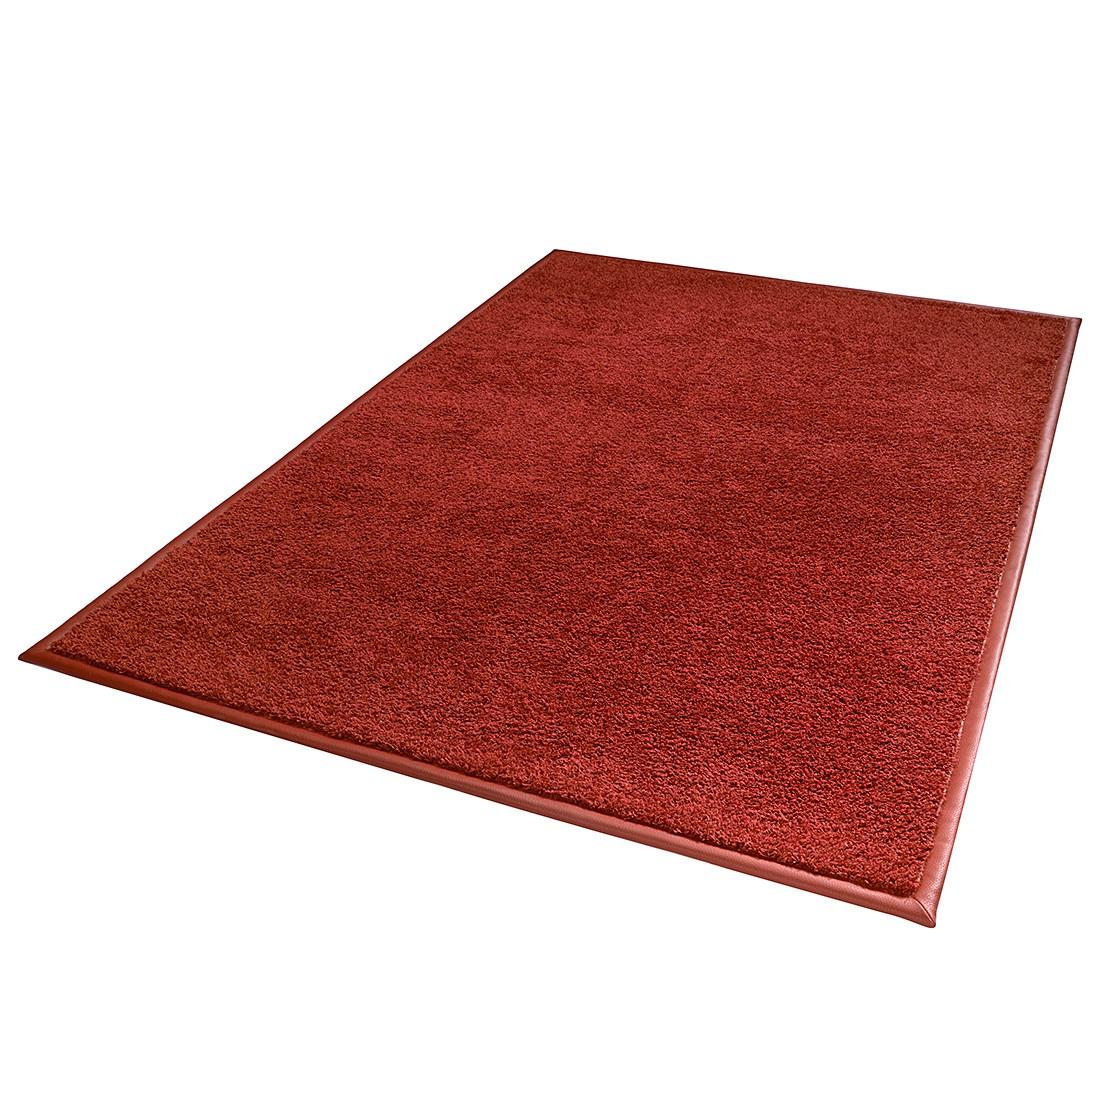 Teppich Noblesse Exclusiv – Rot – 133 x 190 cm, DEKOWE bestellen